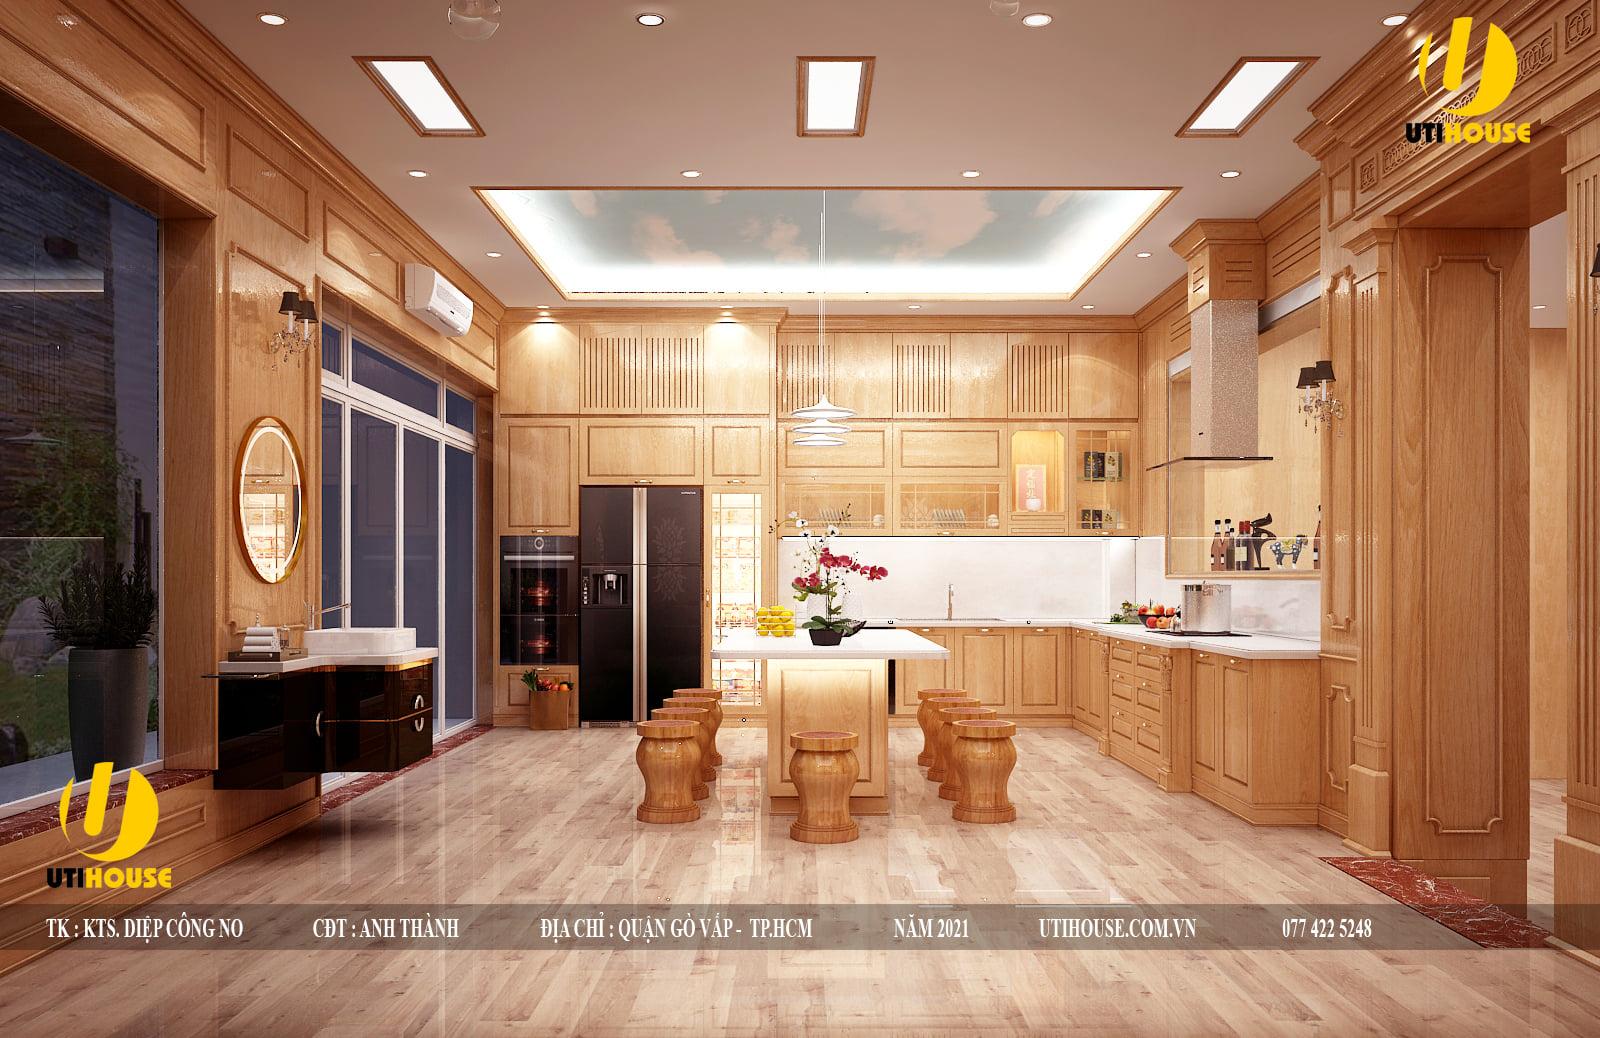 Cập nhật xu hướng thiết kế nội thất nhà bếp đẹp nhất năm 2021